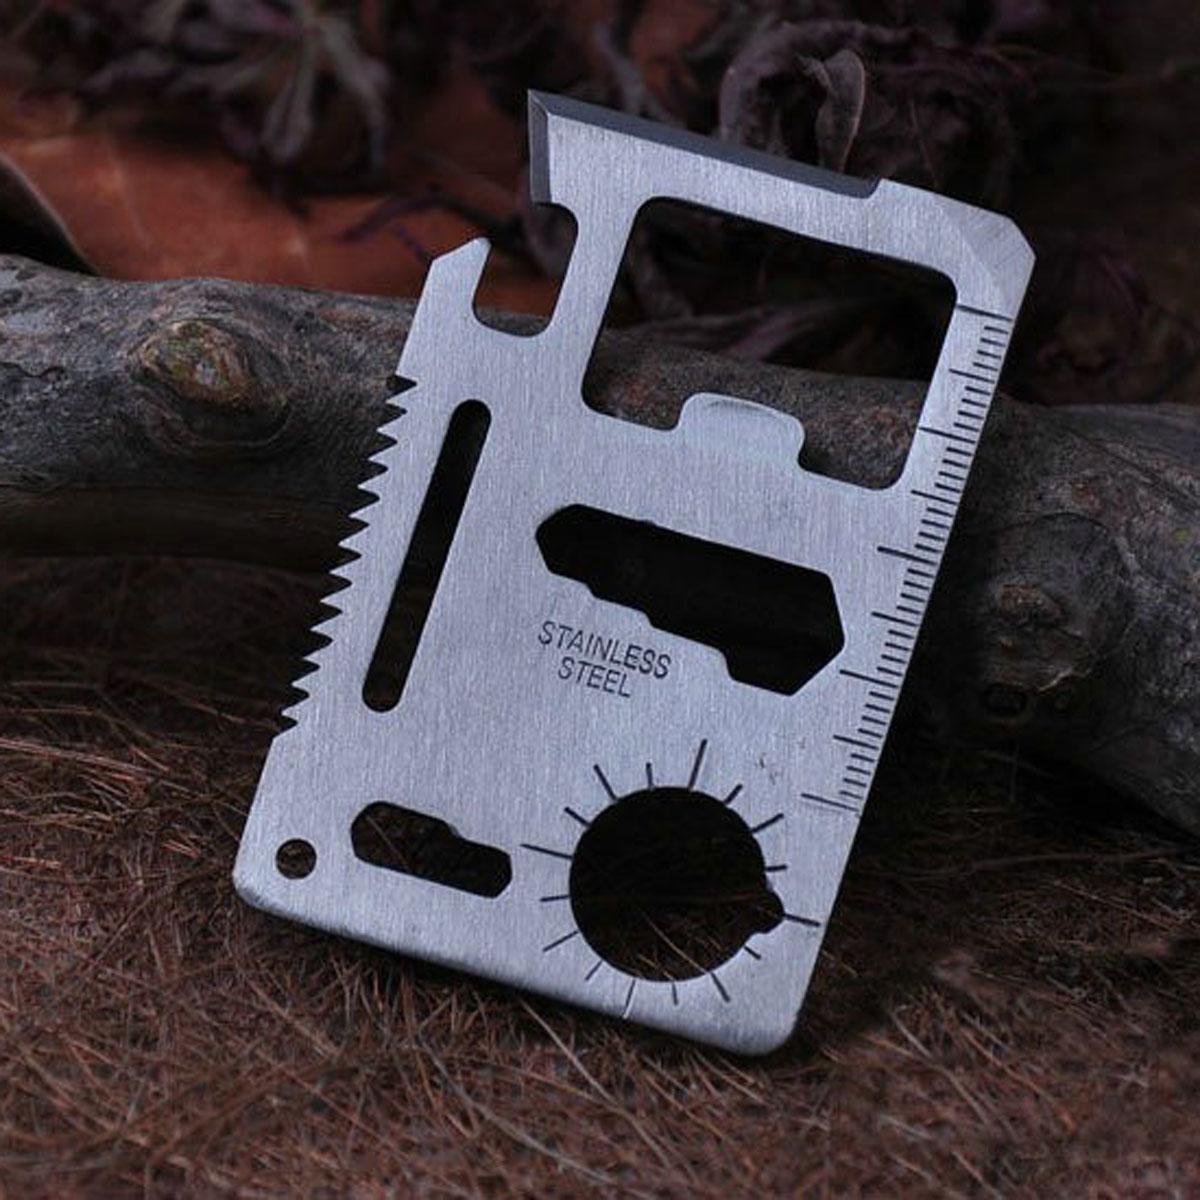 Phổ cắm trại ngoài trời thẻ công cụ quân đội dao thẻ thép đặc biệt đa mục đích công cụ thẻ dao thẻ dao